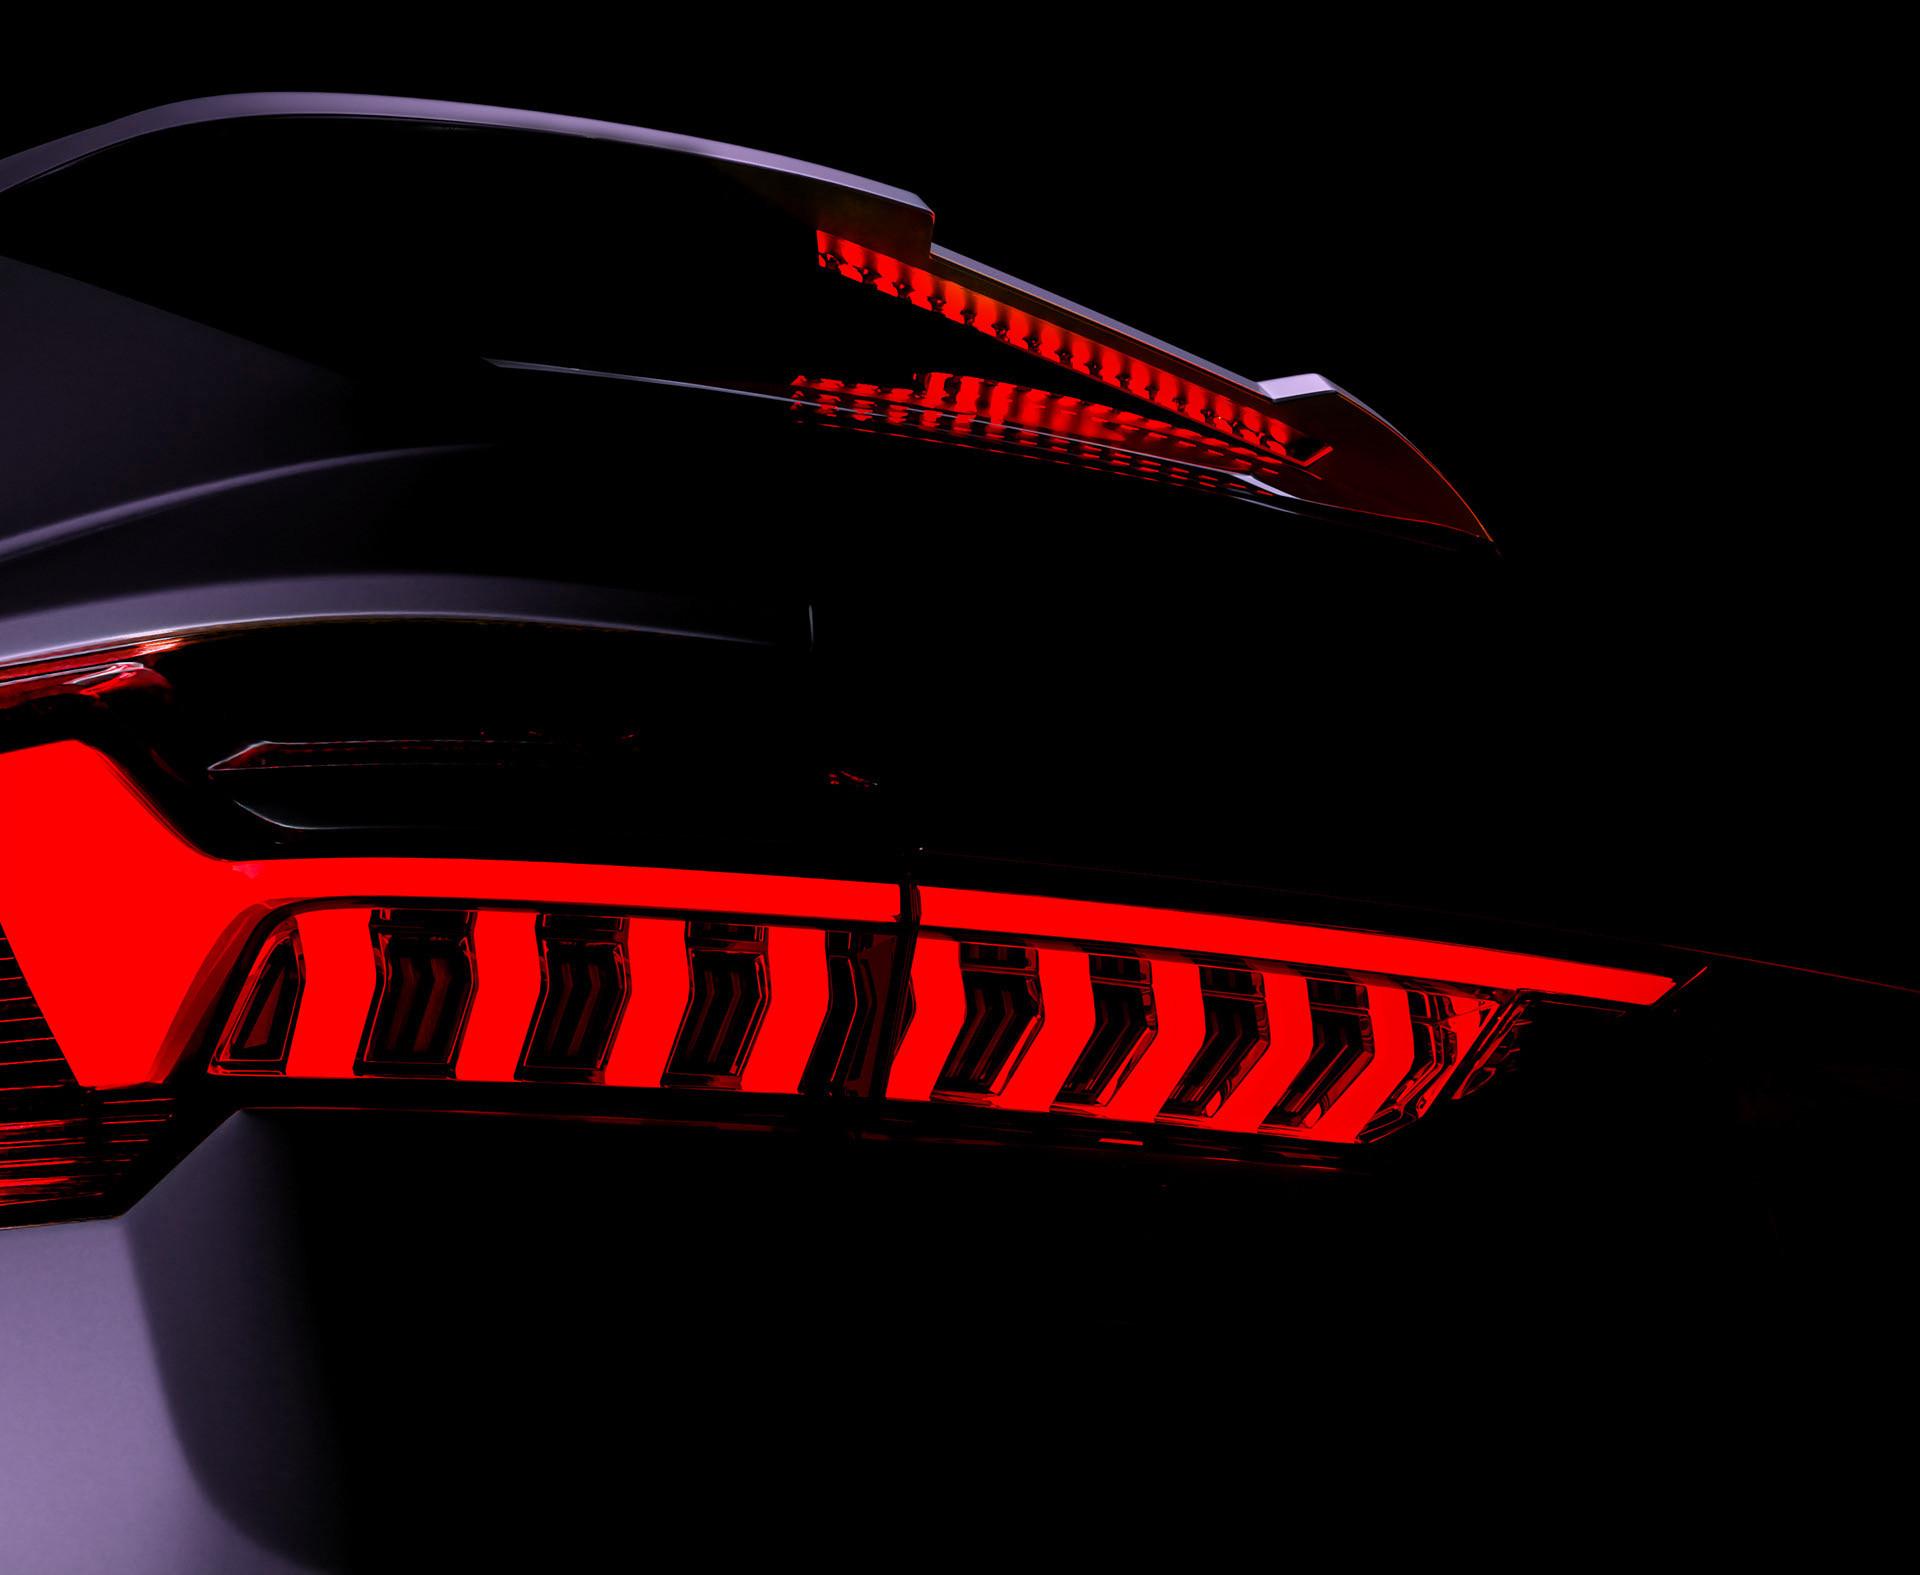 Audi_backlights.JPG